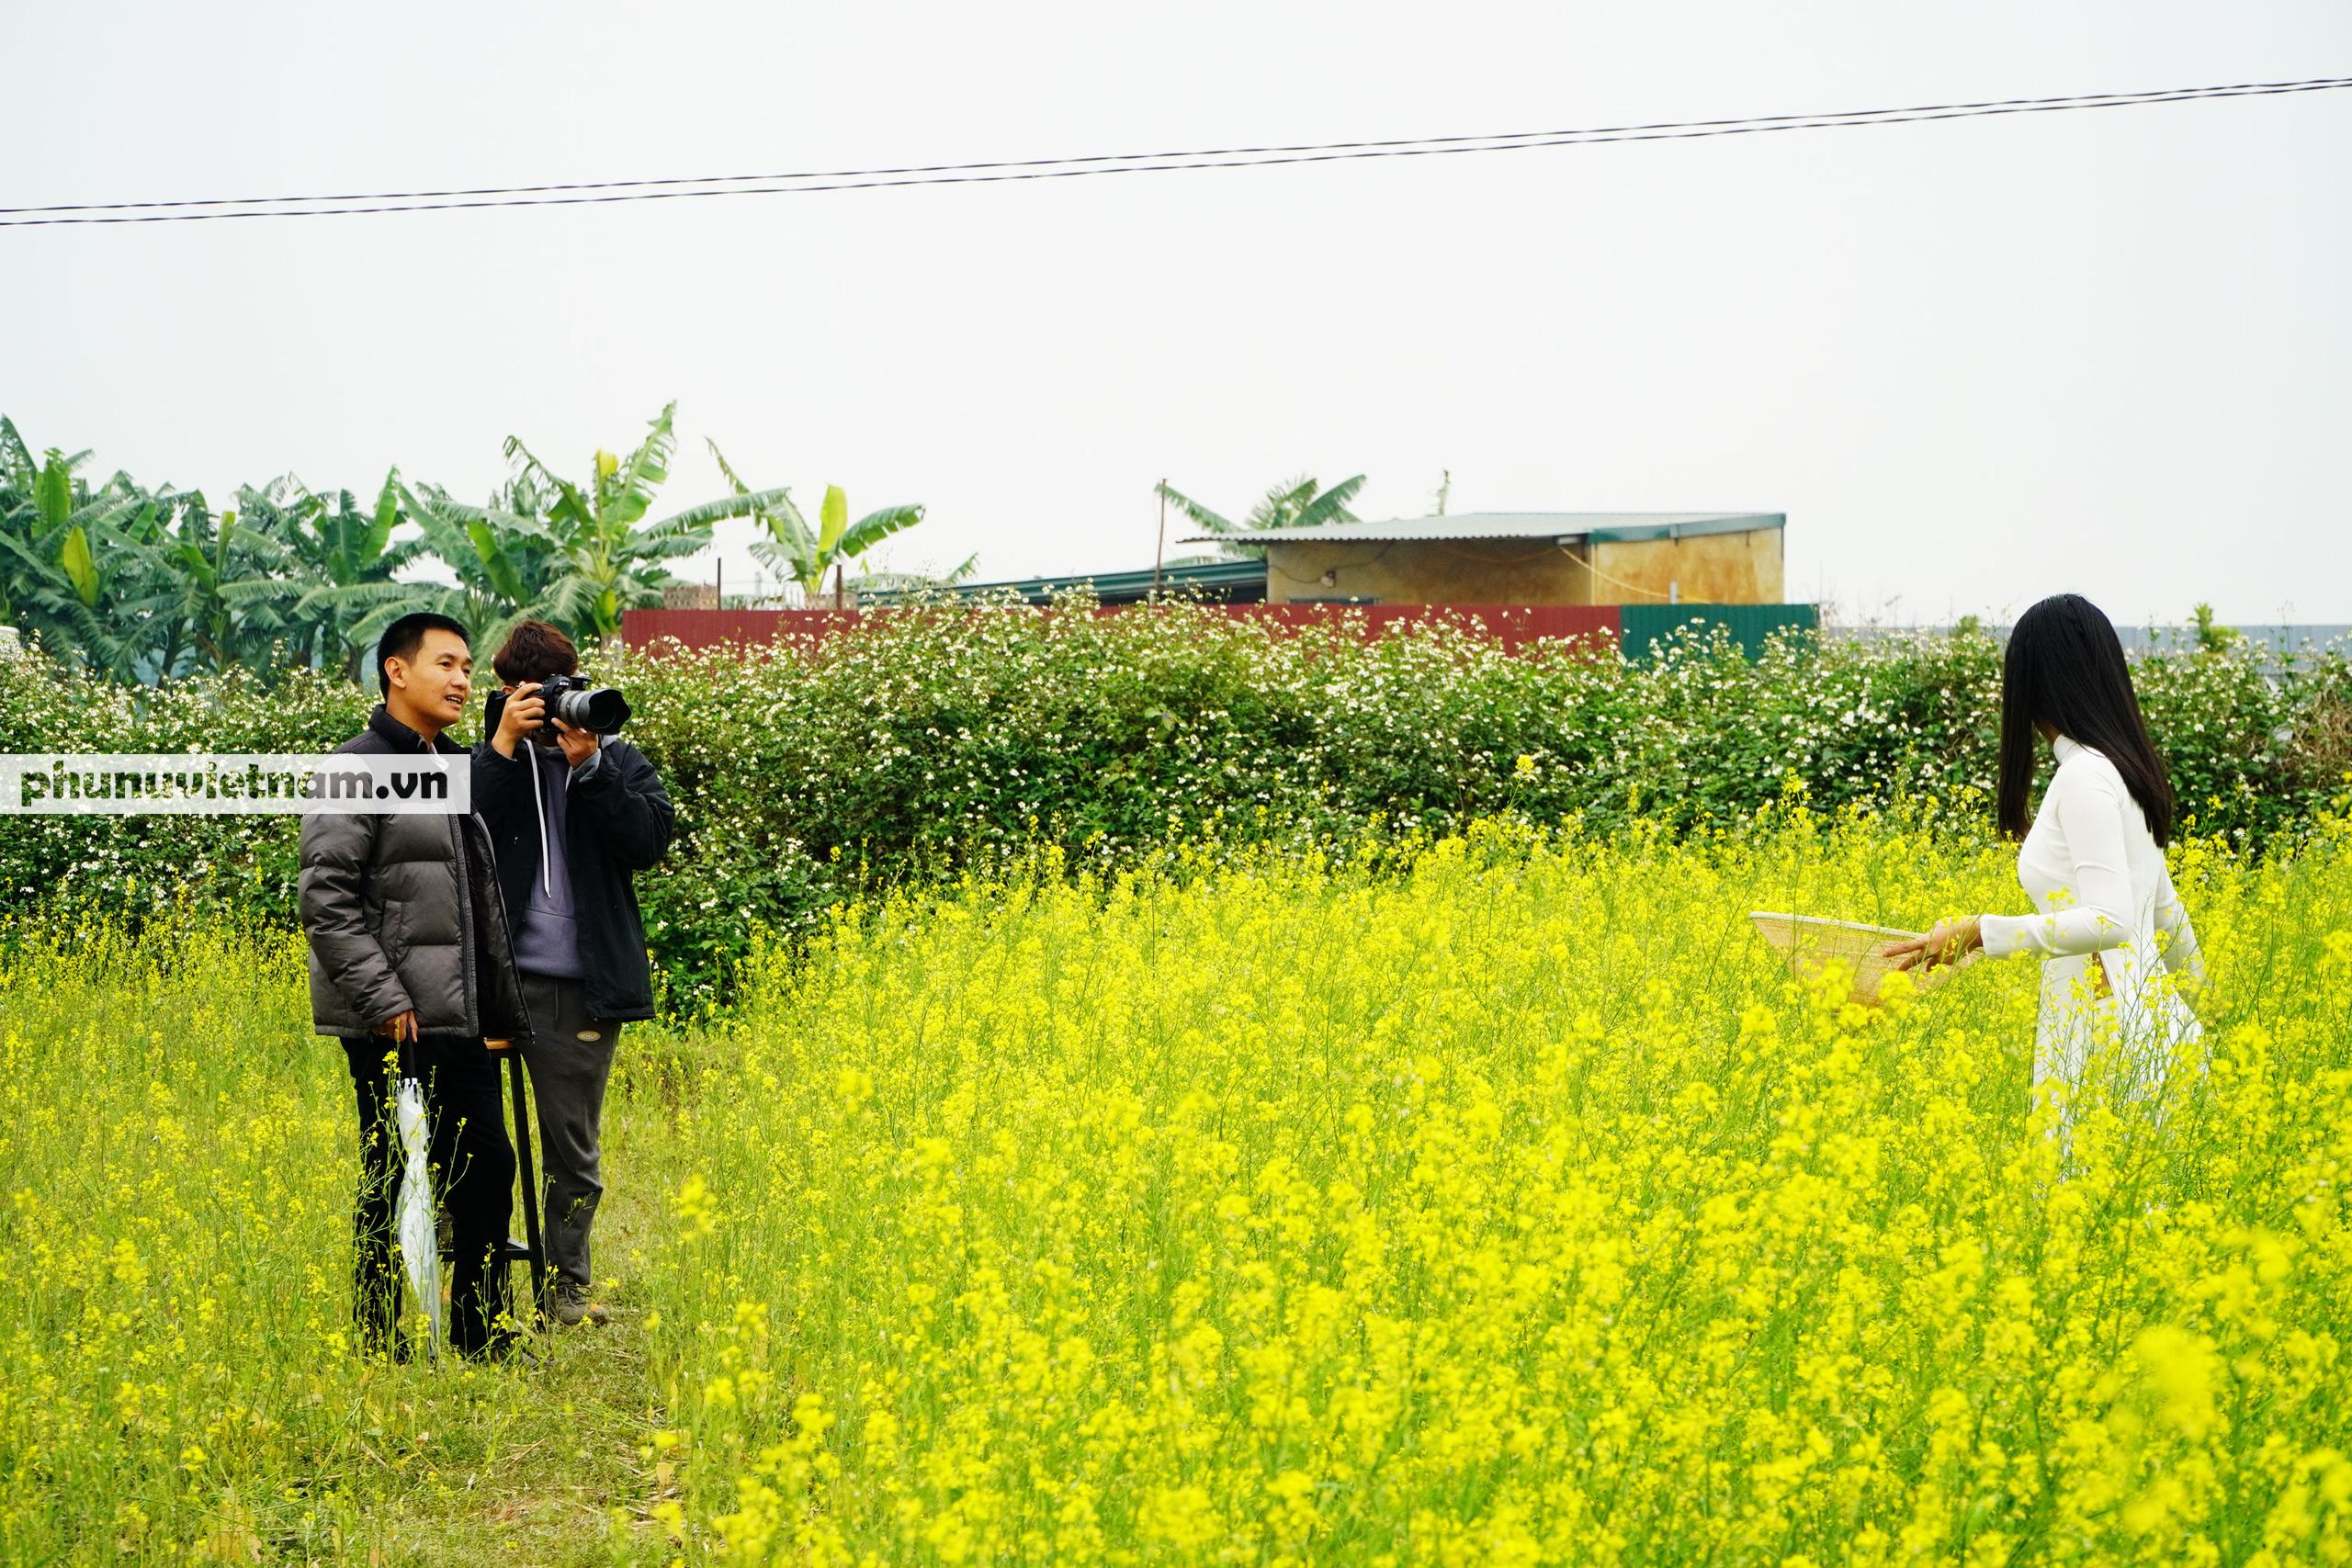 Thiếu nữ áo trắng đẹp hút lòng người trên cánh đồng hoa cải vàng ở Chi Đông - Ảnh 2.